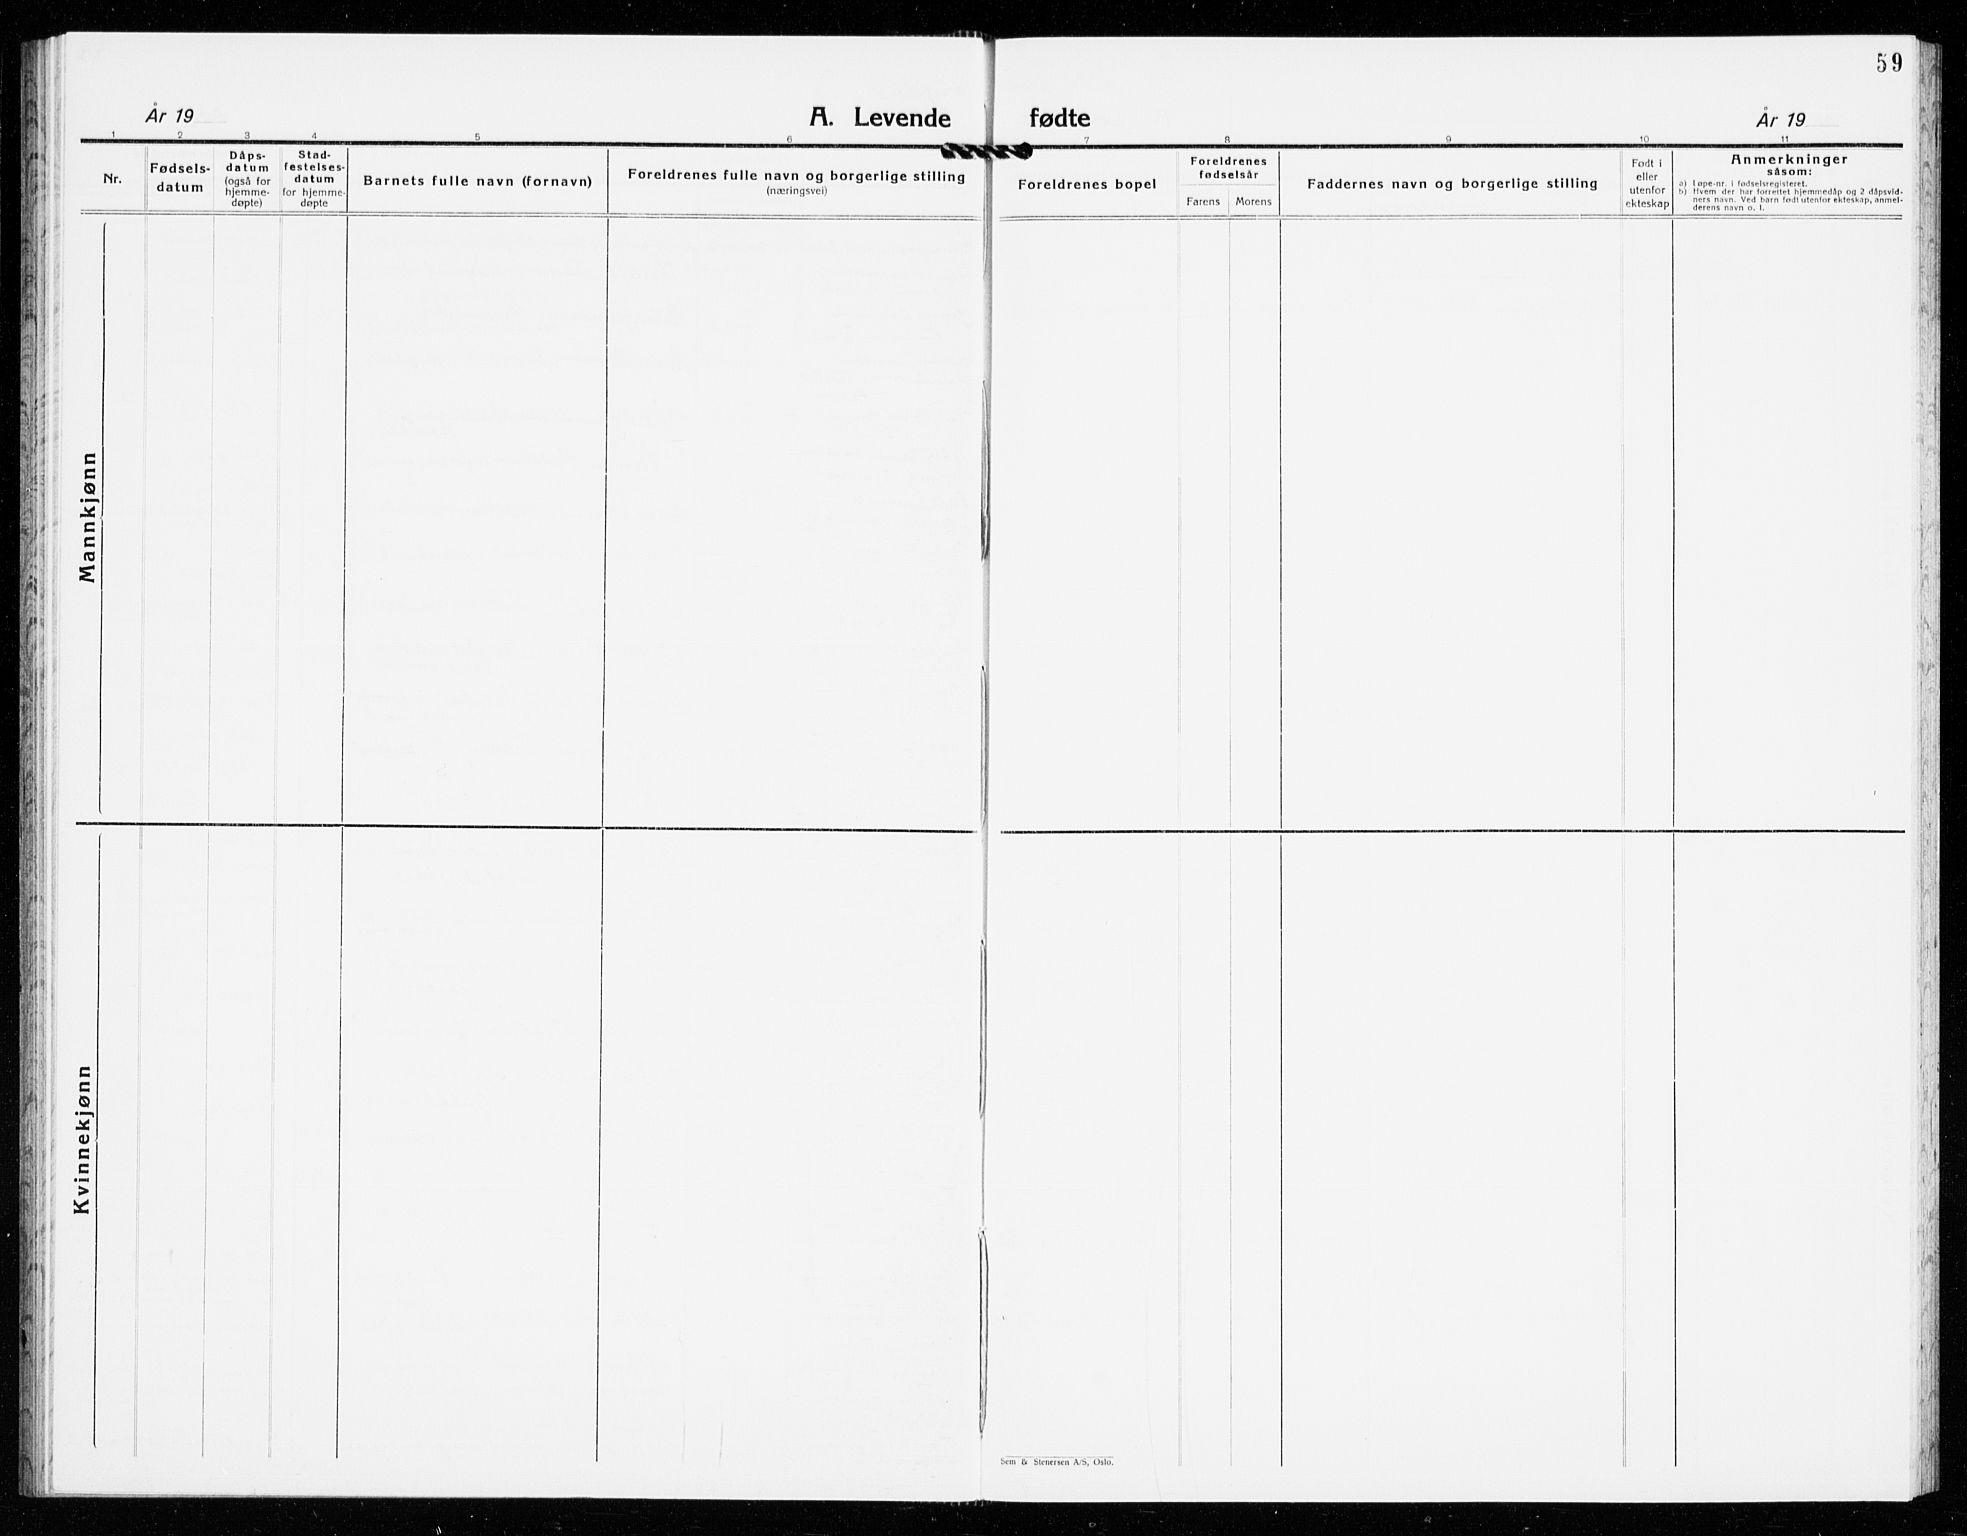 SAKO, Gjerpen kirkebøker, G/Ga/L0005: Klokkerbok nr. I 5, 1932-1940, s. 59